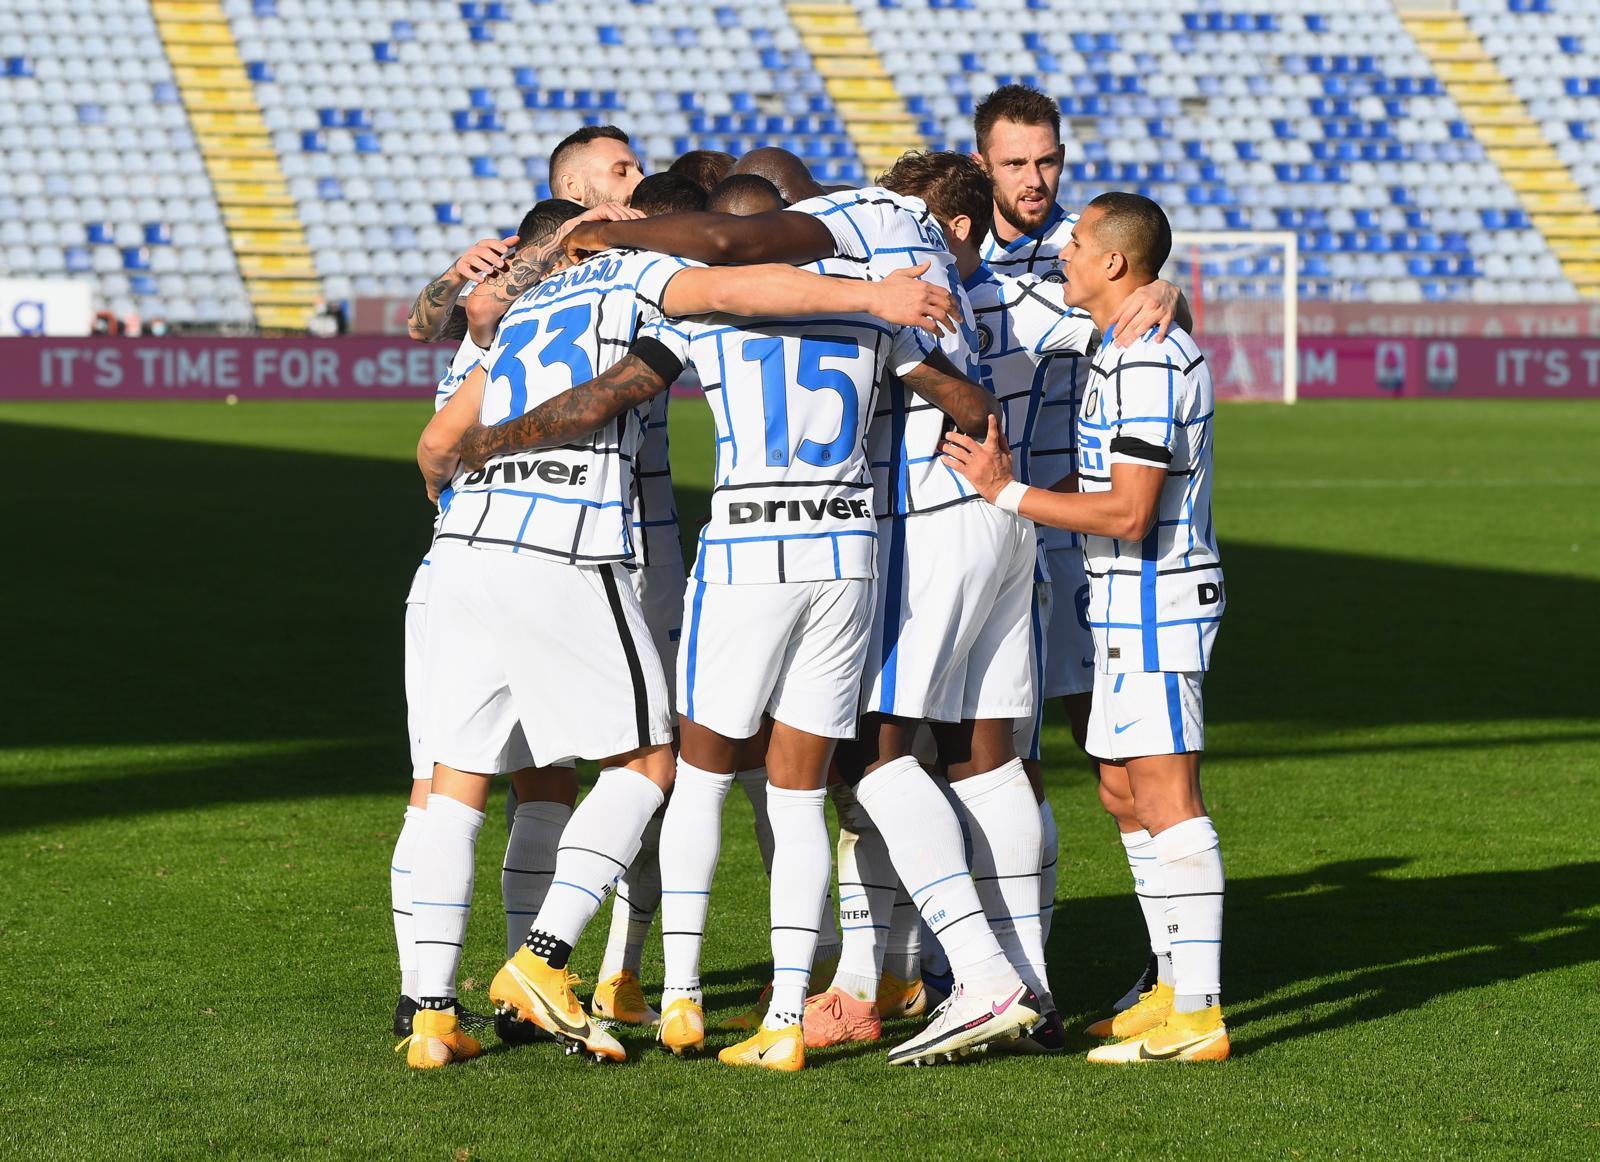 Pazza Inter, Conte ribalta il Cagliari nel finale: 3-1 a Di Francesco